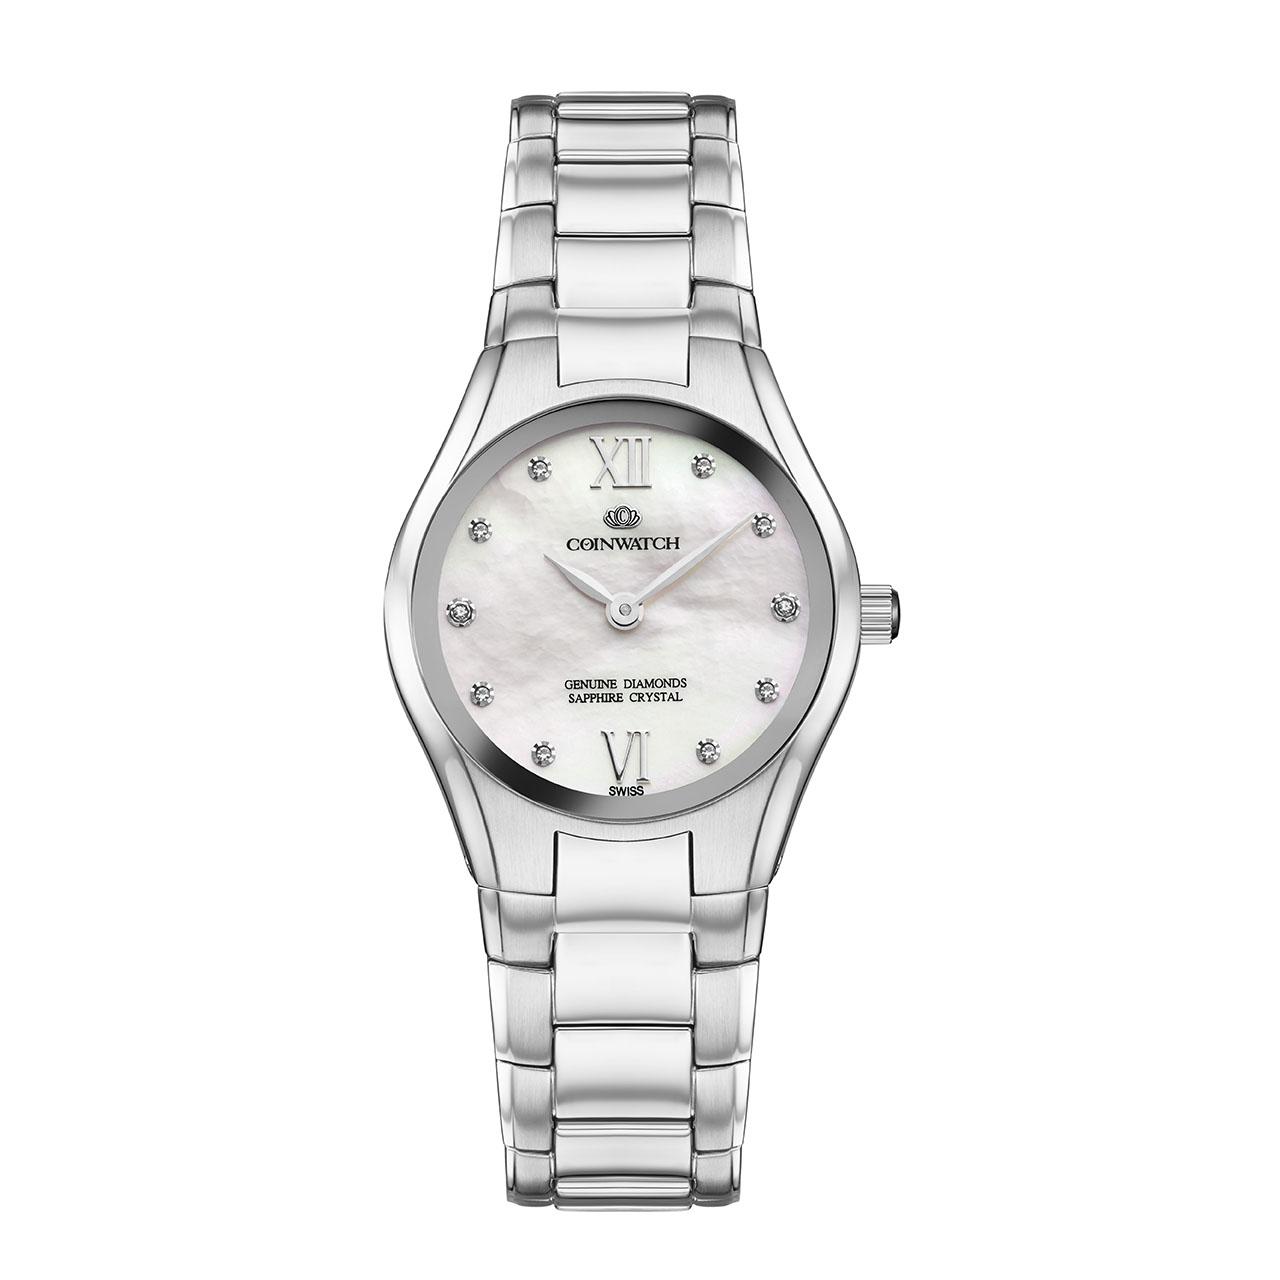 ساعت مچی عقربه ای زنانه کوین واچ مدل C168SWH 9